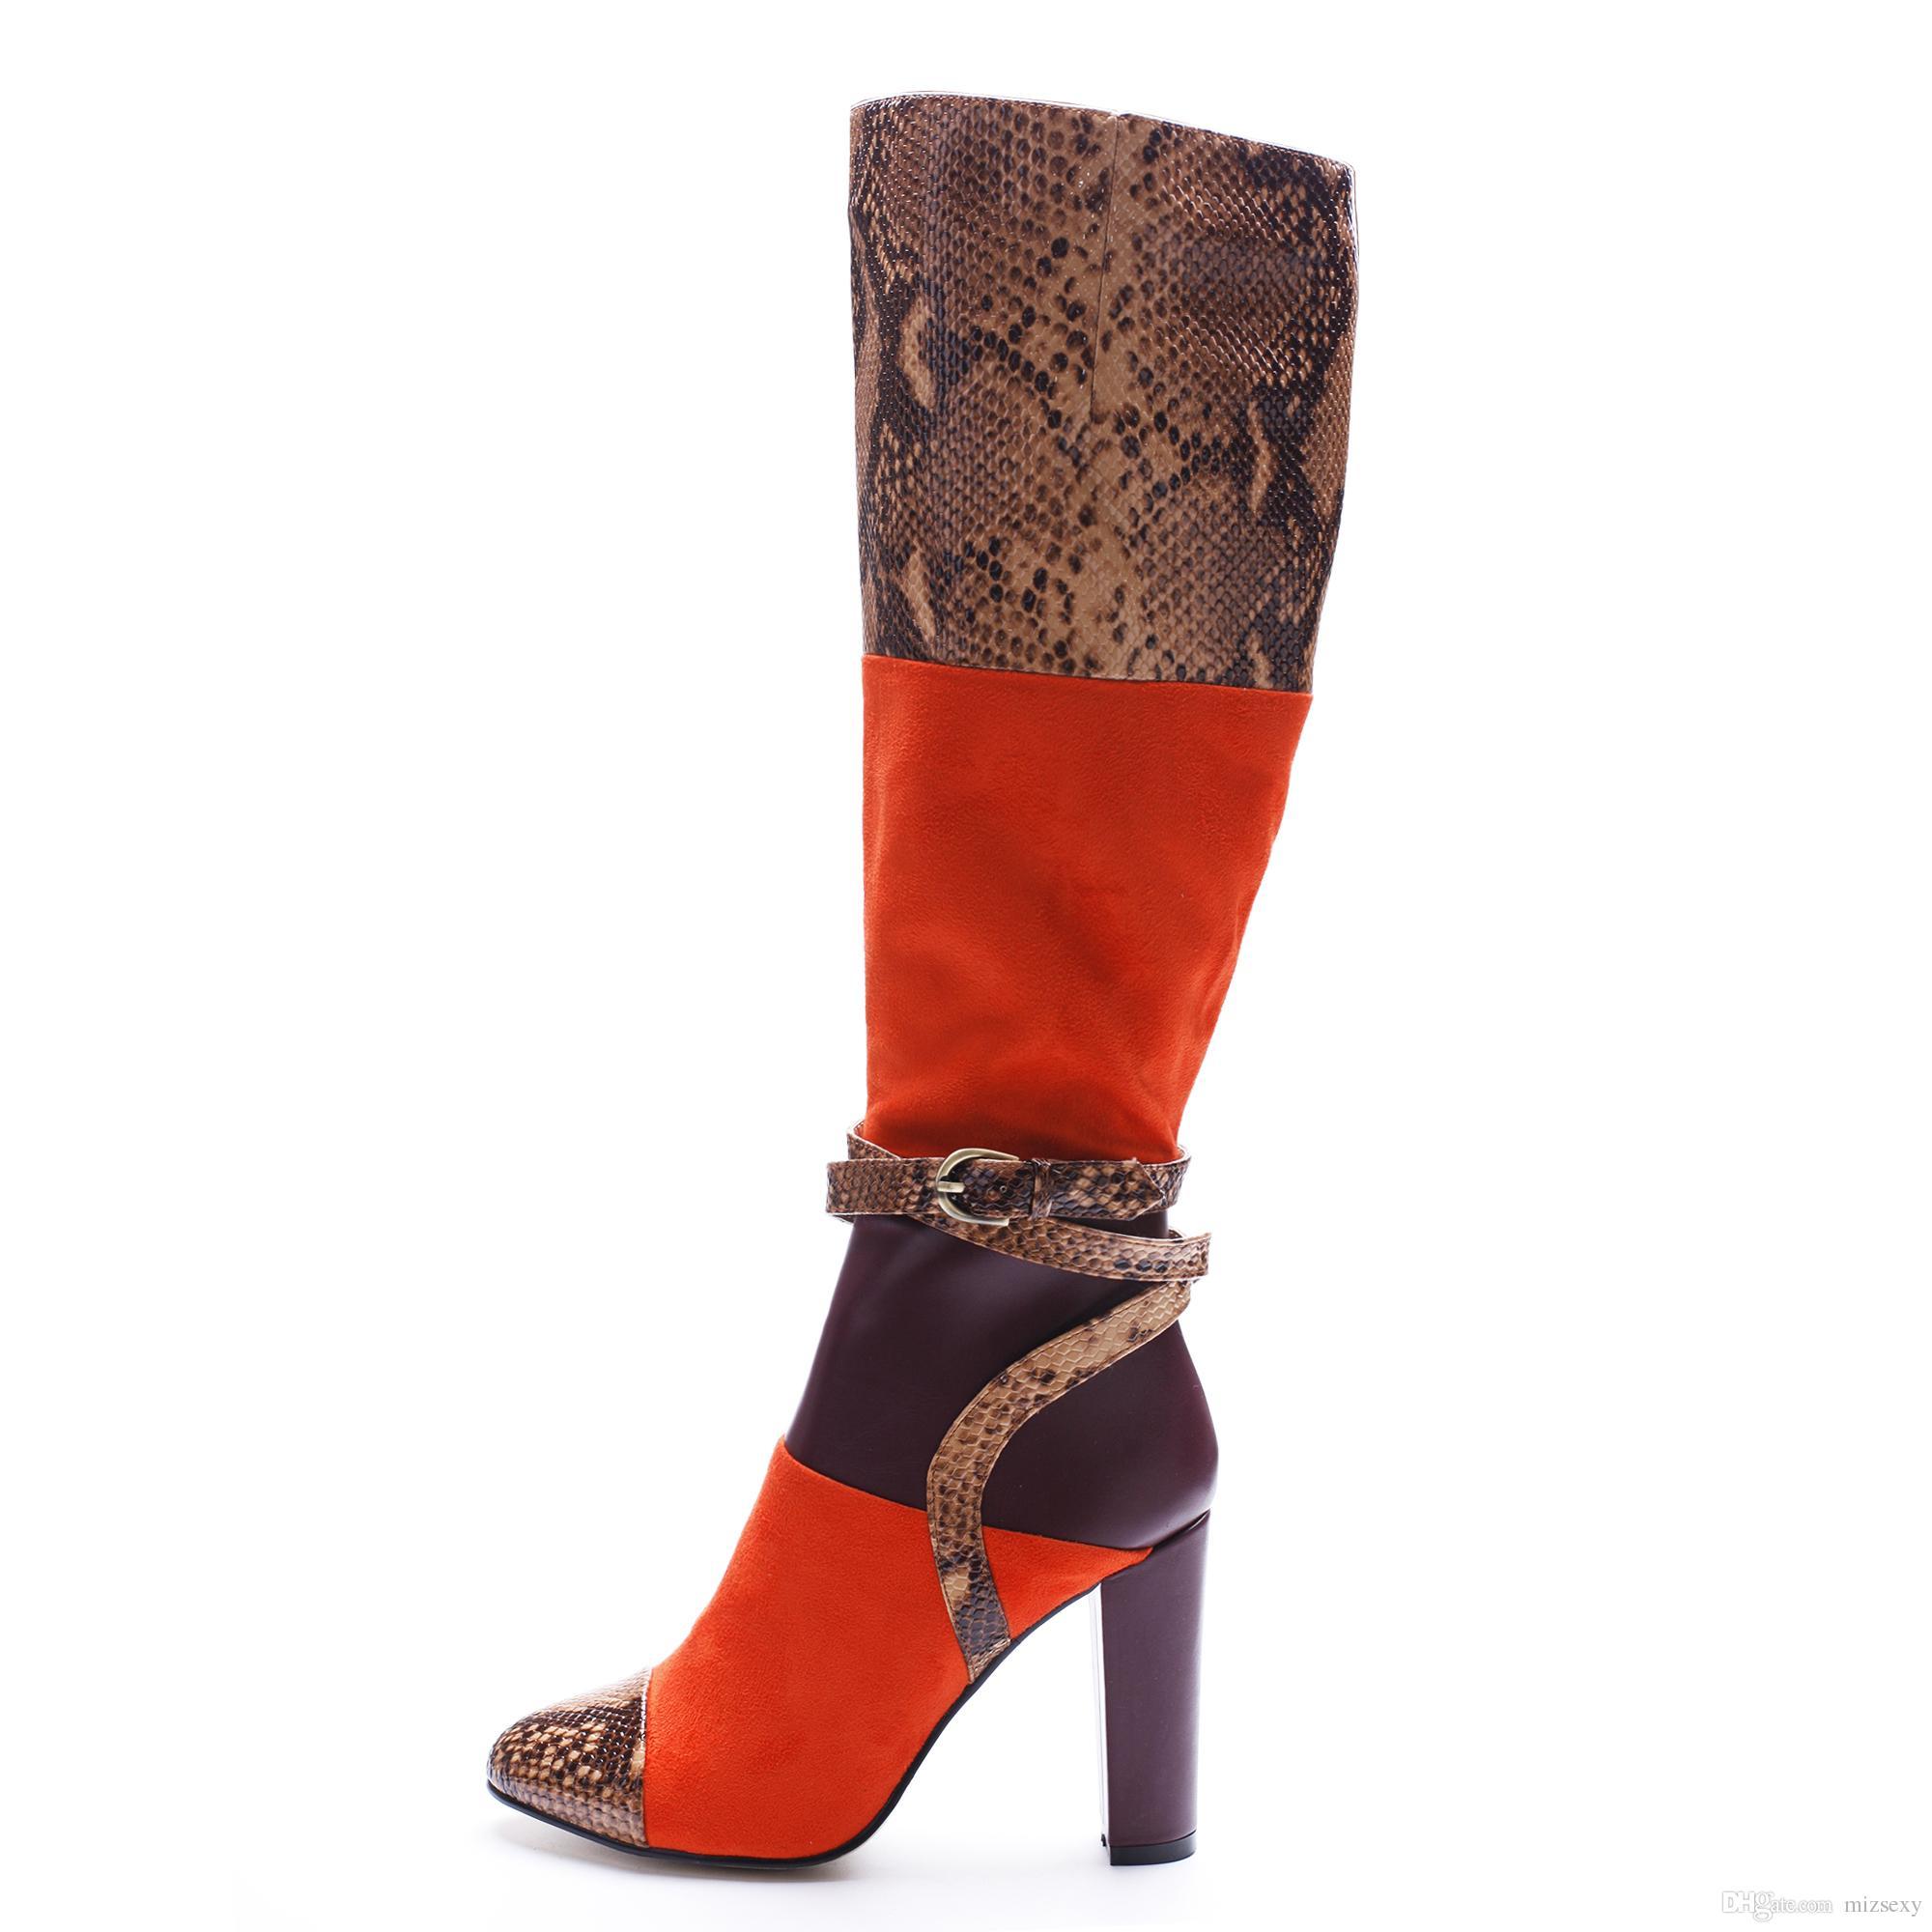 2018 novo acordou moda botas toes fivela cor misturada zip robusto salto inverno mulheres na altura do joelho-botas de cano alto sapatos de salto alto mulheres sapatos mulheres